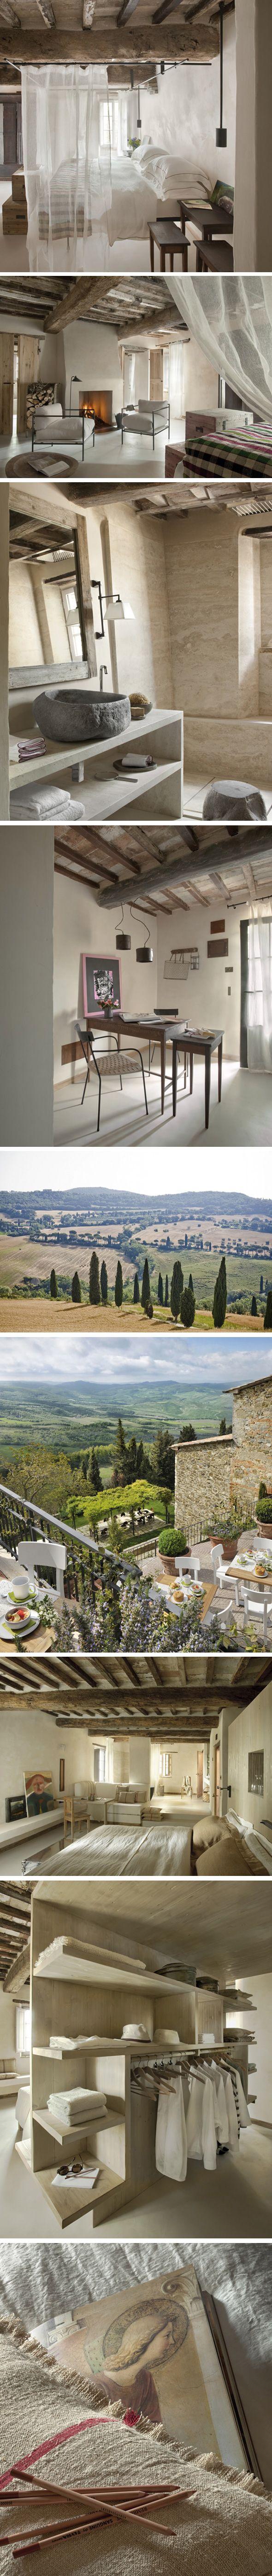 Hôtel de charme dans les collines toscanes